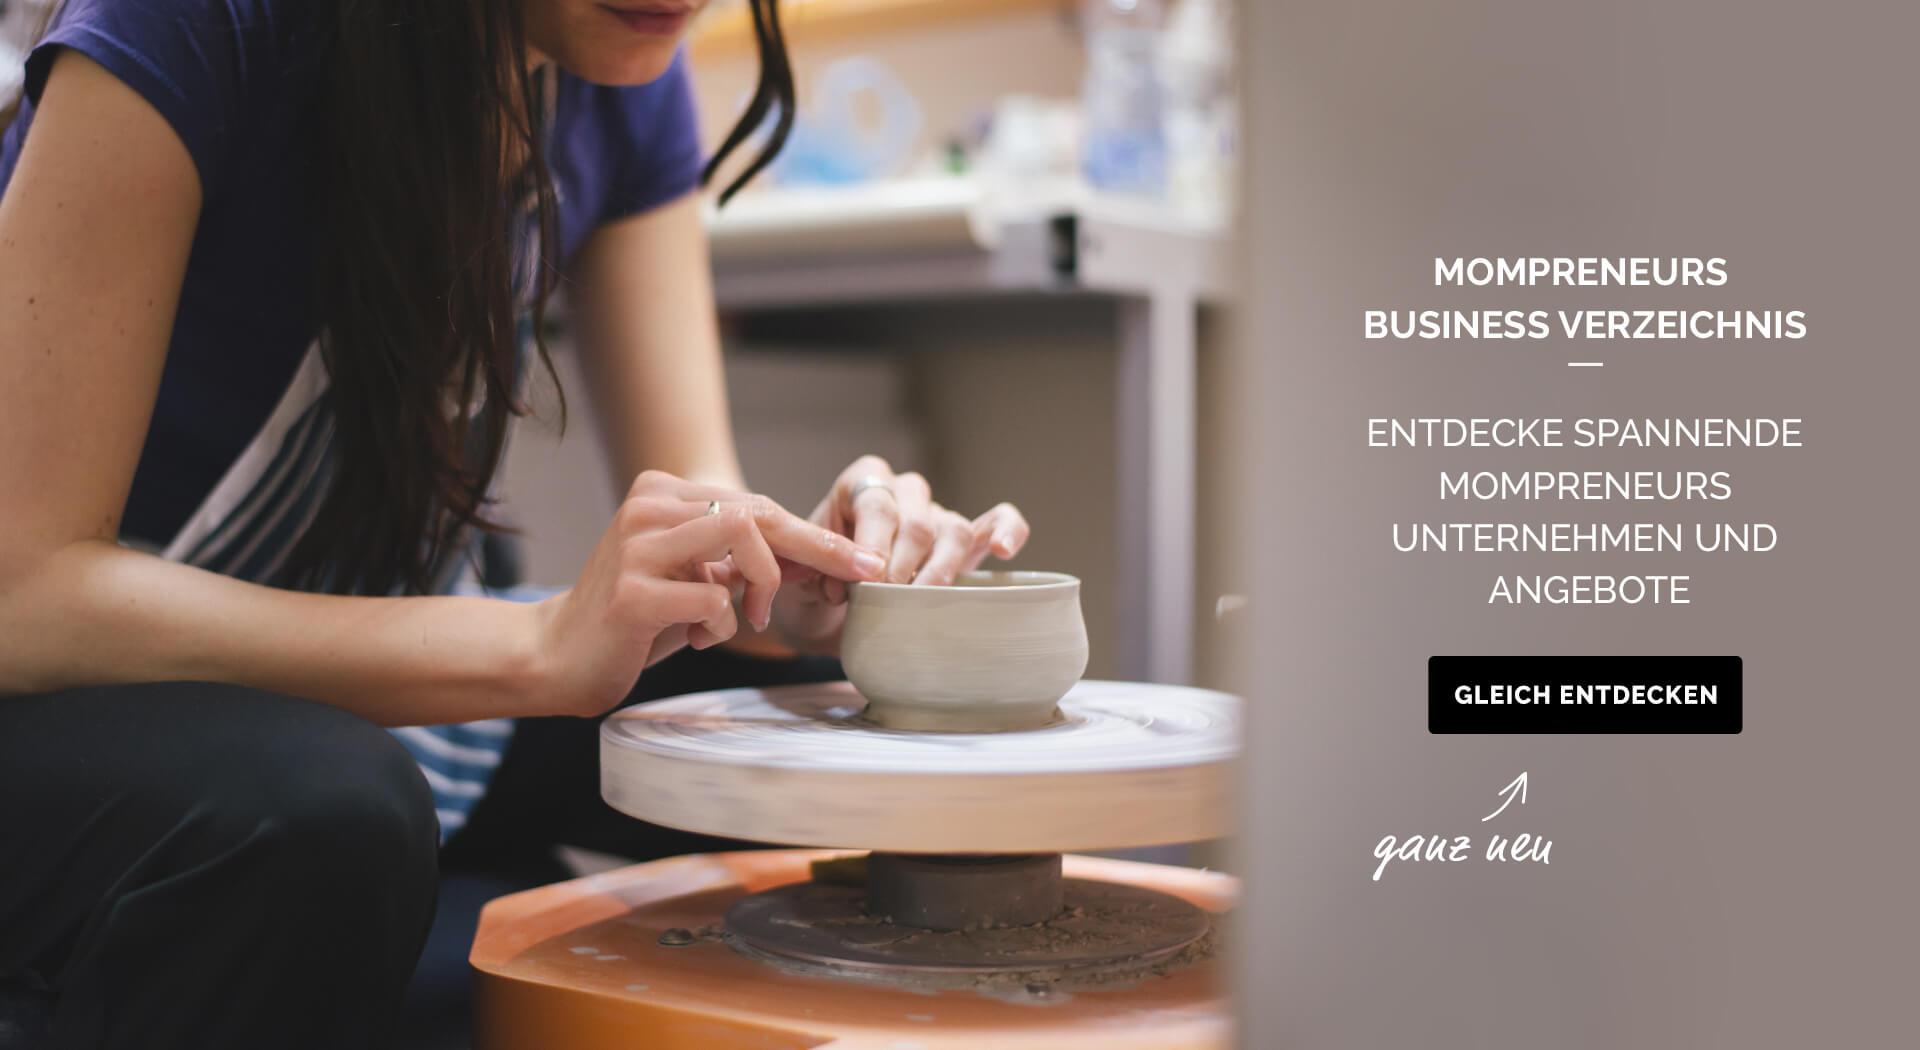 MomPreneurs_Business_Verzeichnis